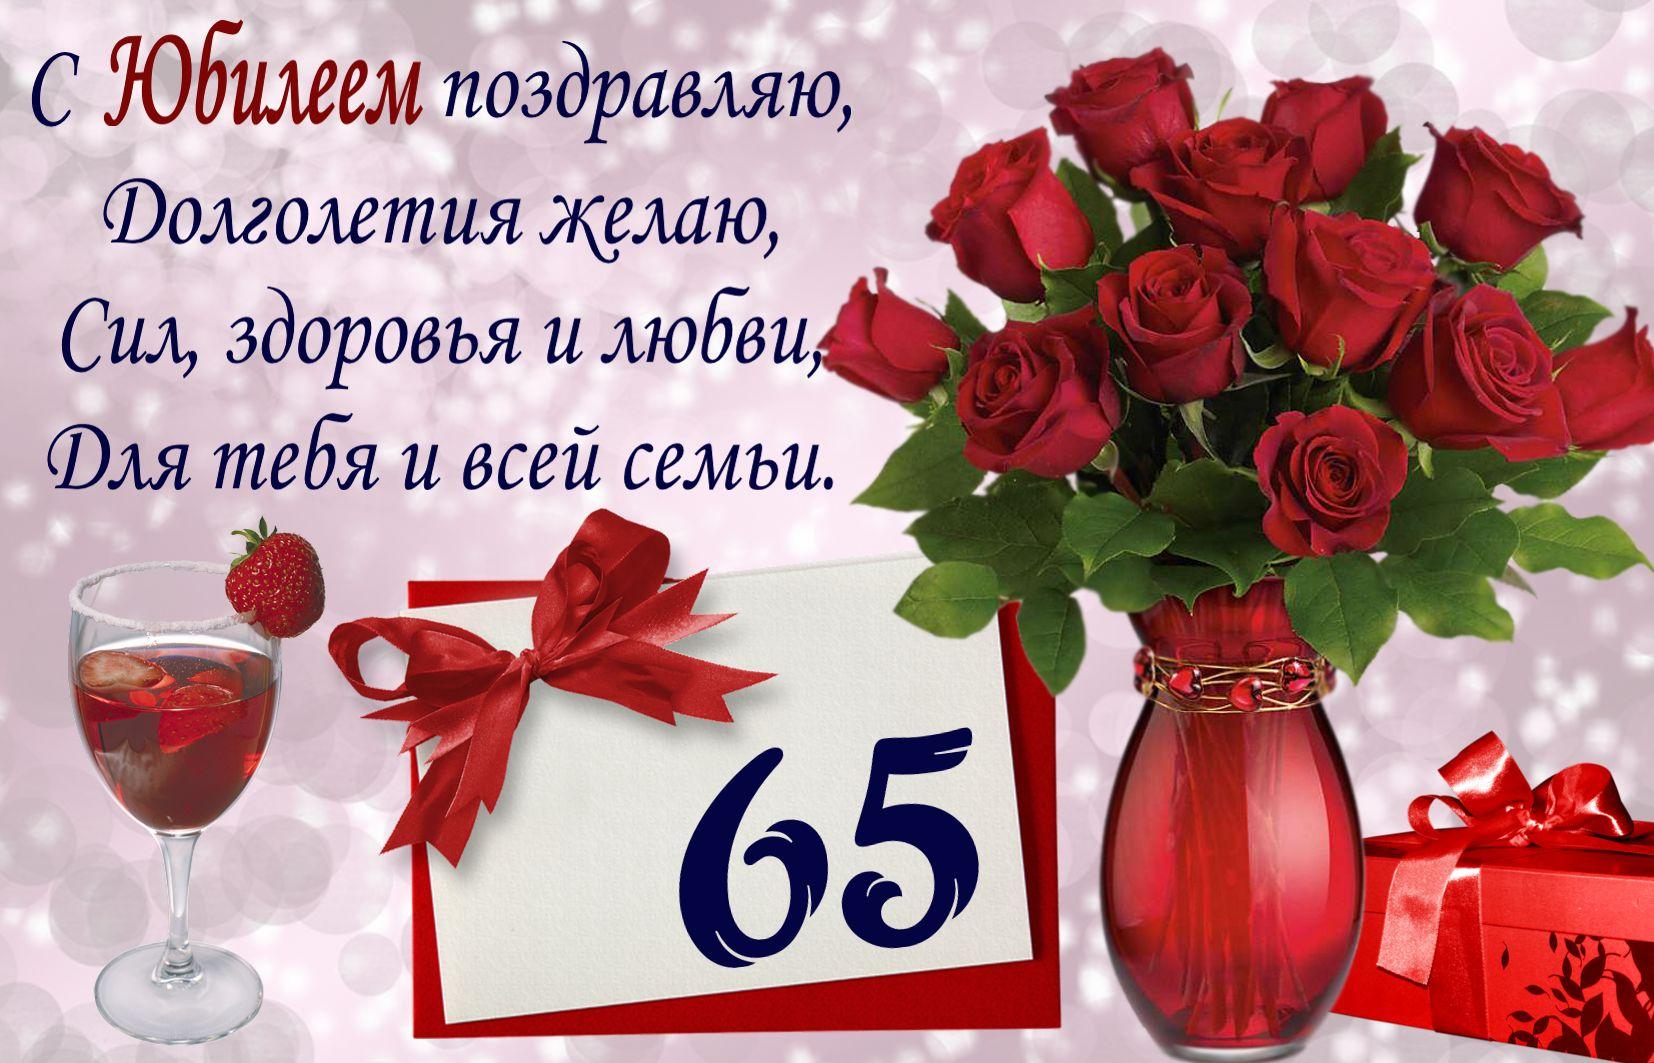 Поздравления на день рождение к юбилею 45 лет